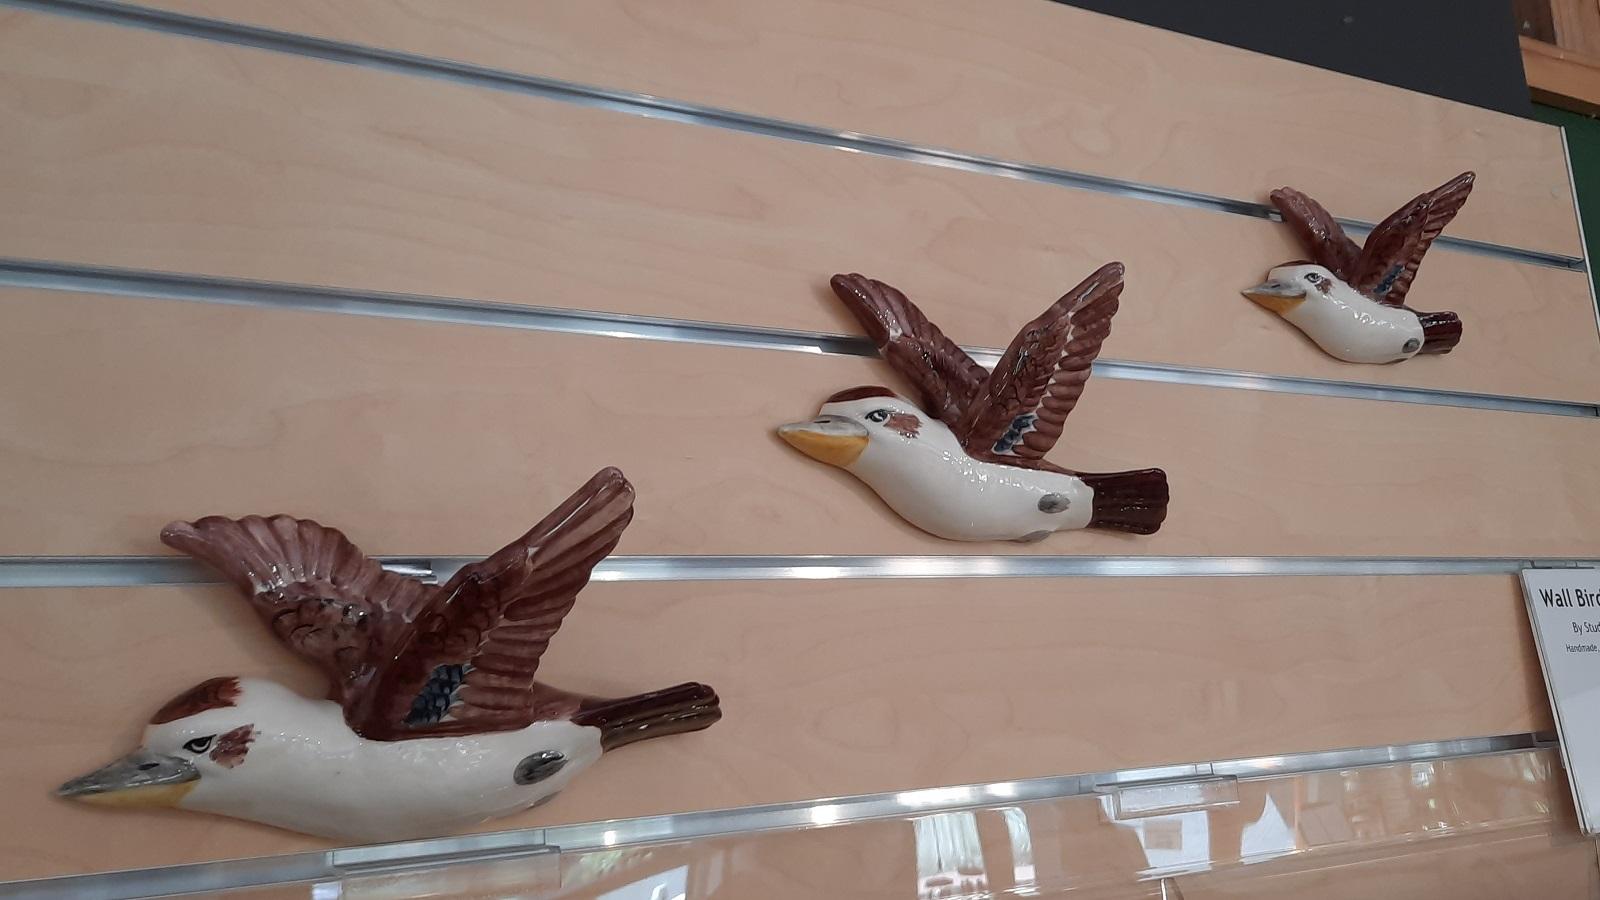 Kookaburra wall hangings